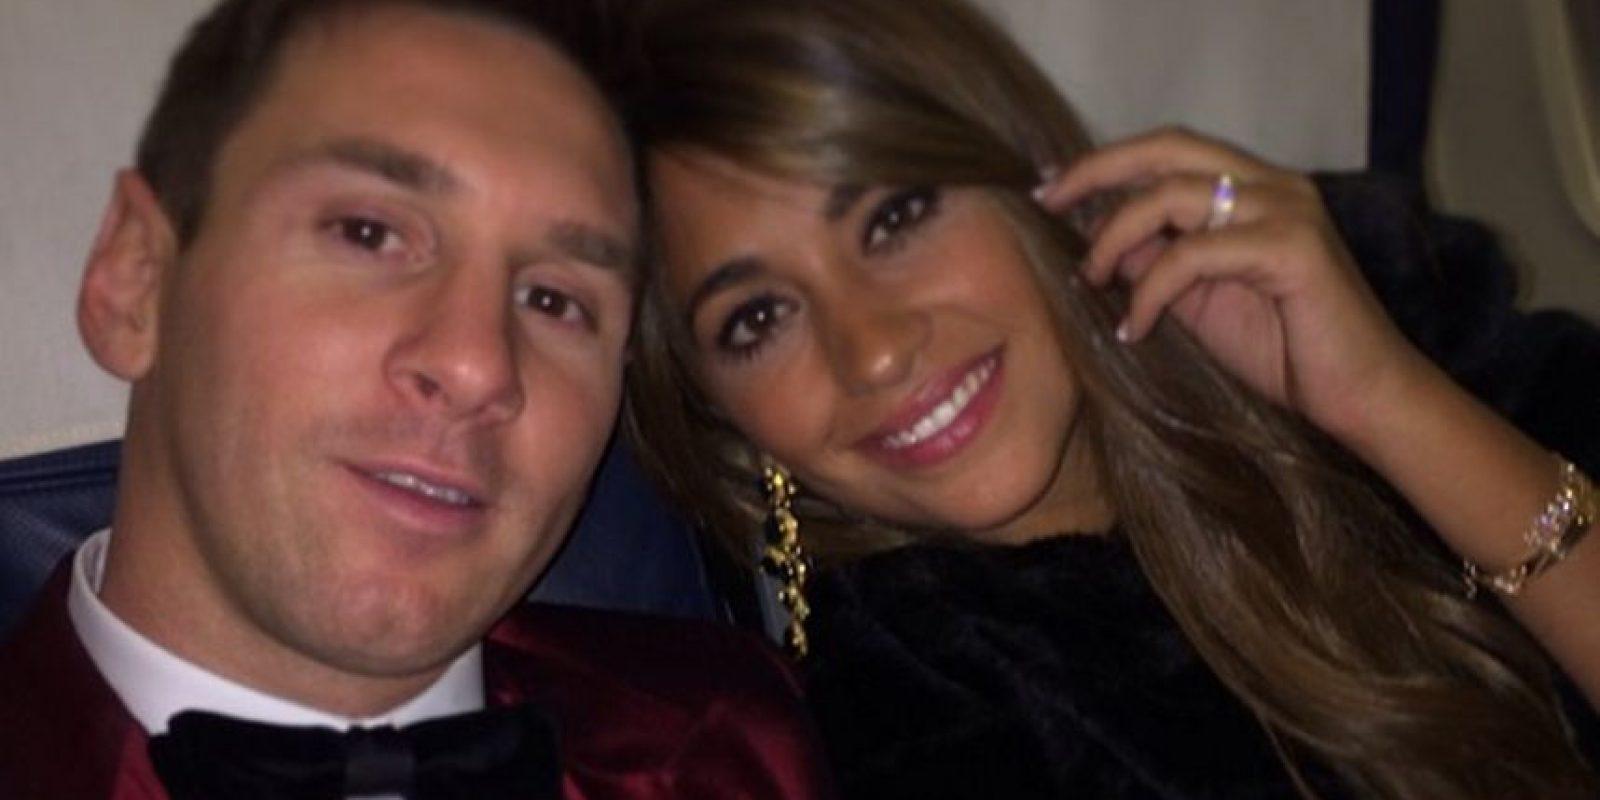 Los mejores momentos familiares que Messi comparte en sus redes sociales Foto:Vía instagram/leomessi